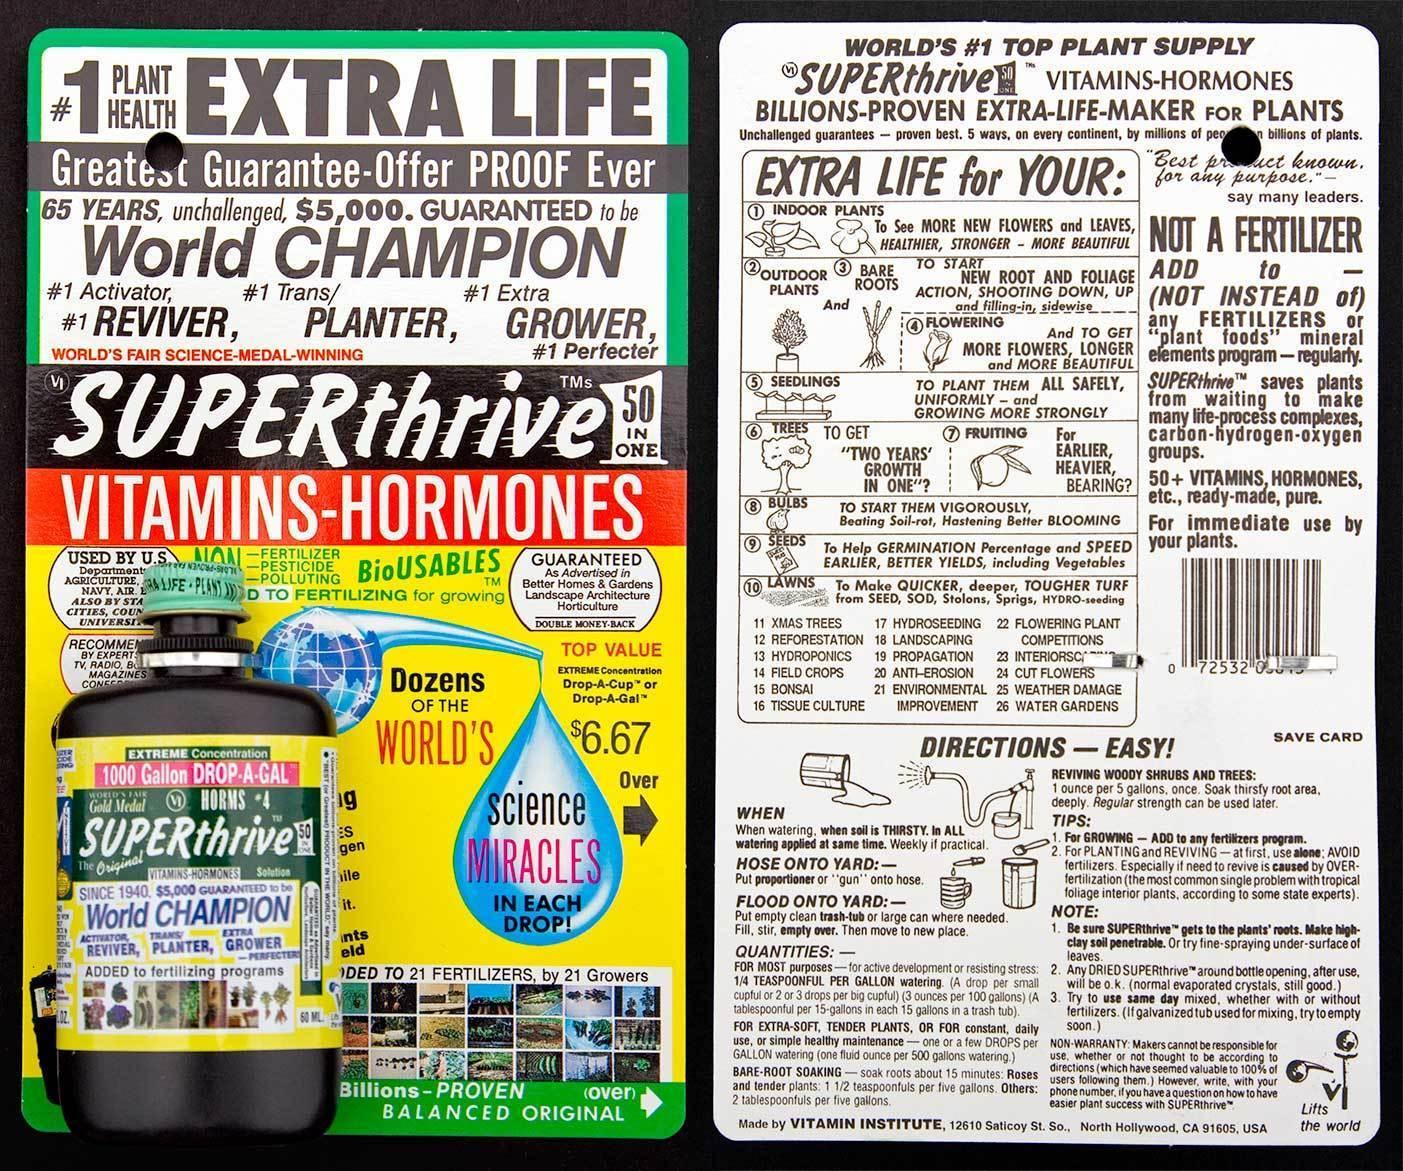 Superthrive (витамины для растений)